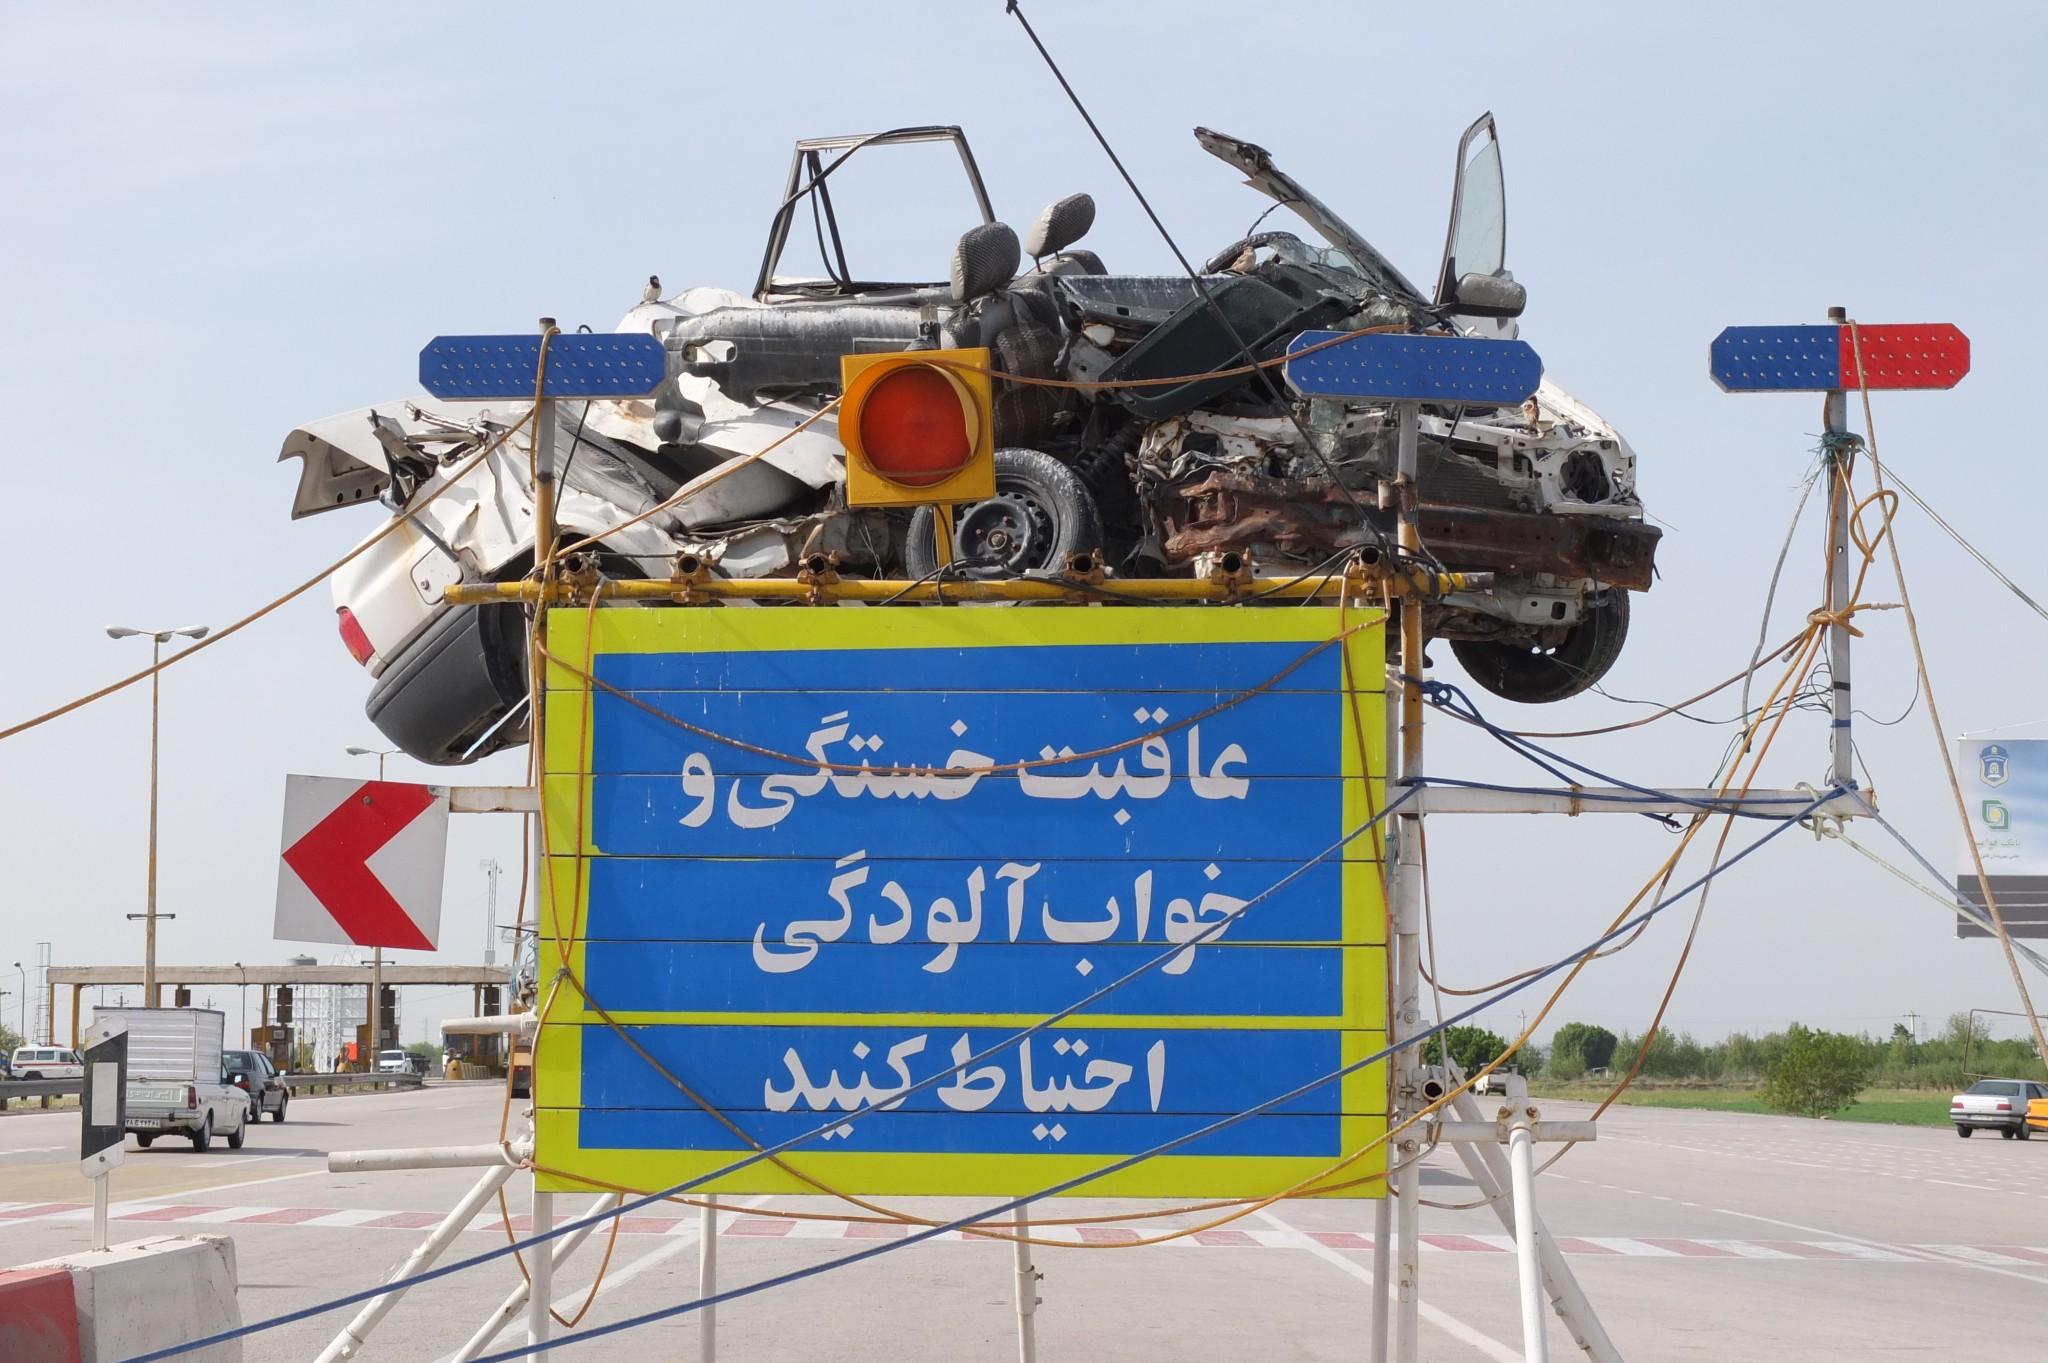 Fast eine Woche Iran: Die vielleicht größte Gefahr